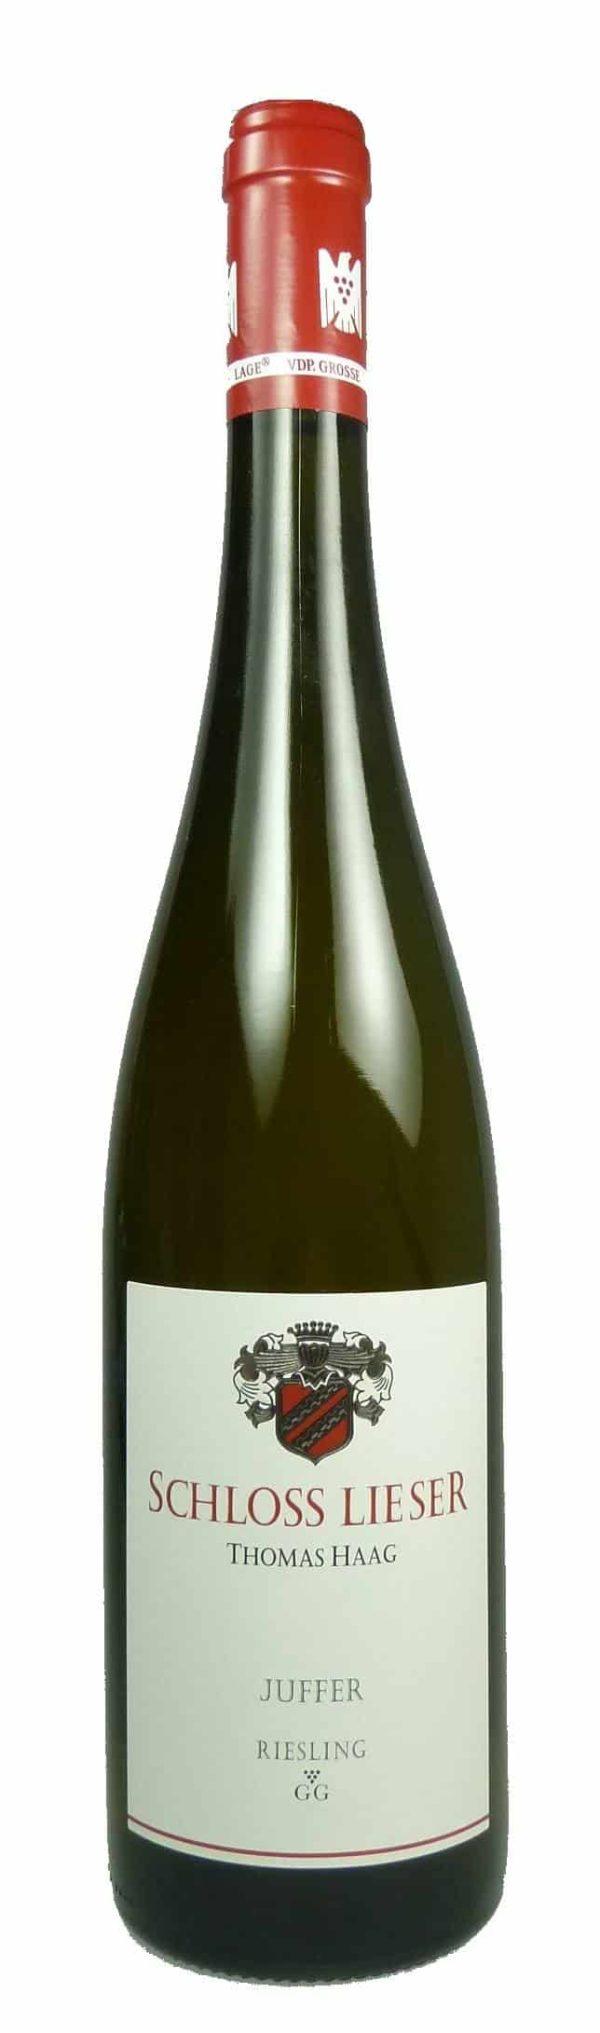 Juffer Riesling Großes Gewächs Qualitätswein trocken 2016